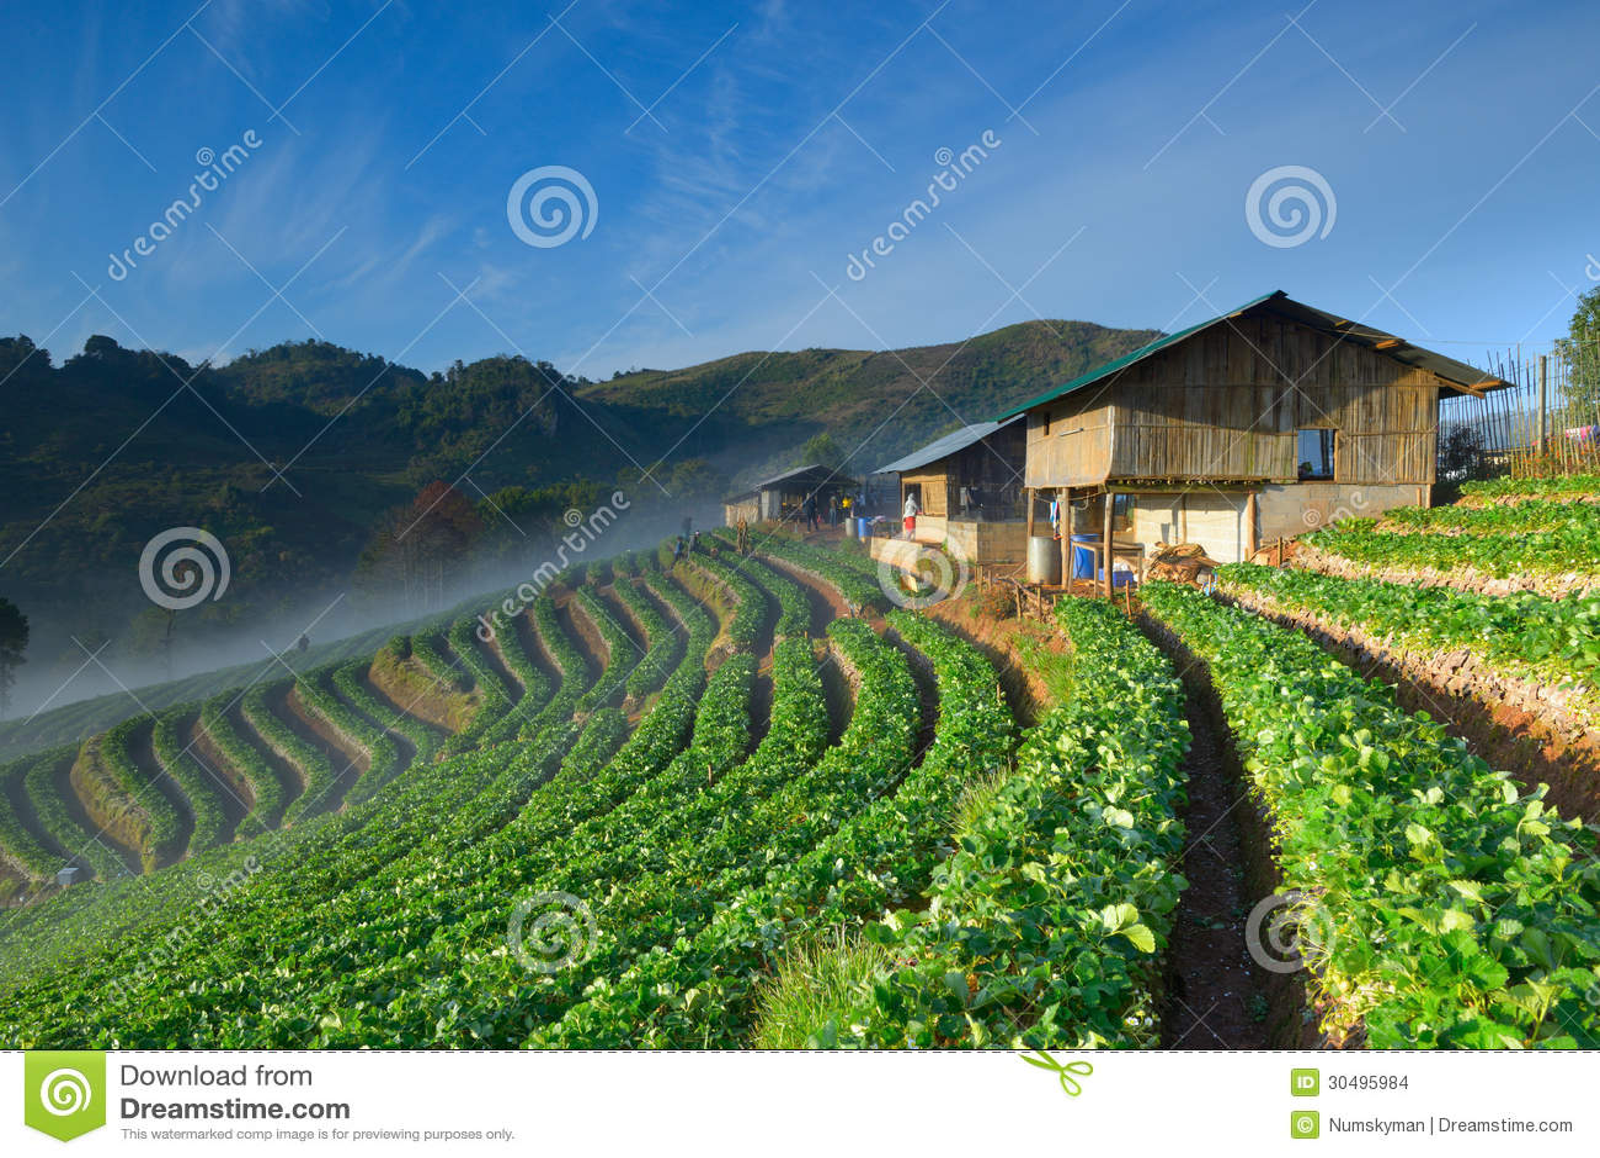 美丽的草莓农场和泰国农夫房子小山的